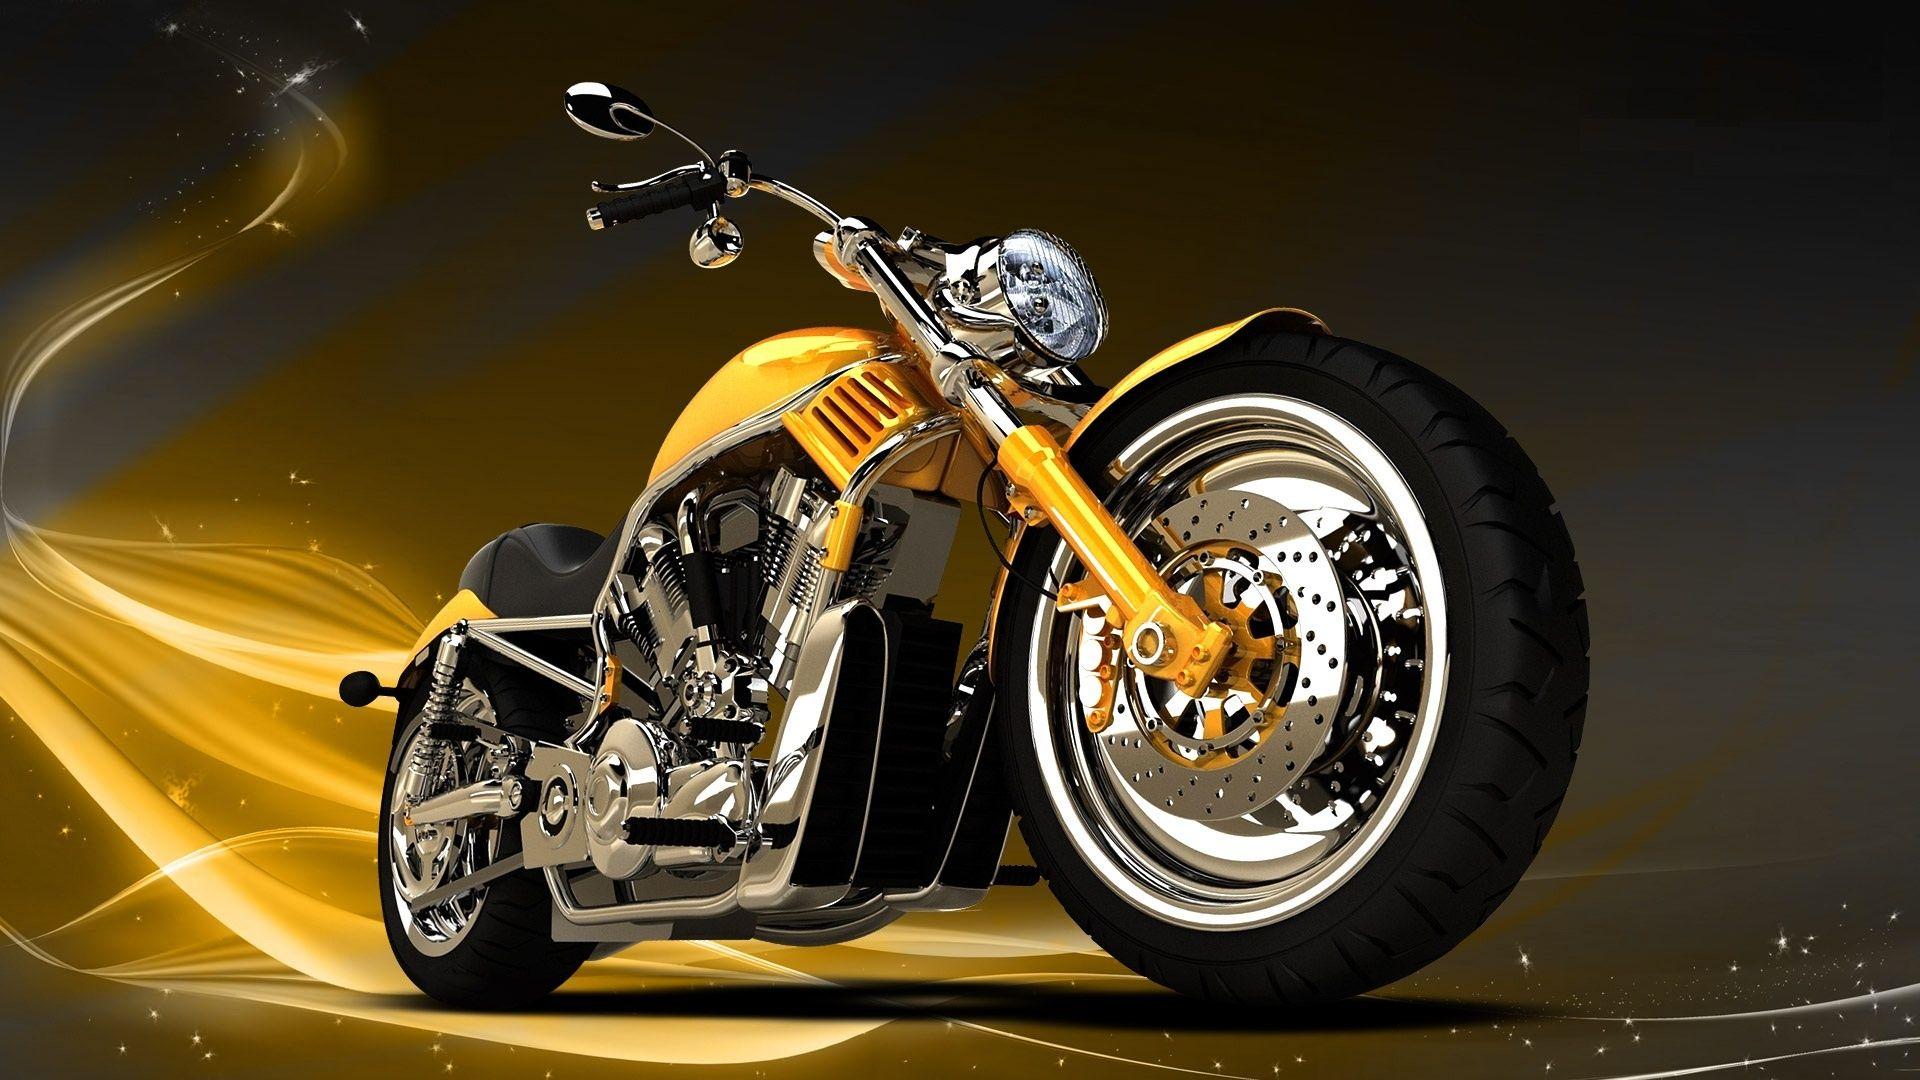 golden chopper bikes wallpaper - http://69hdwallpapers/golden